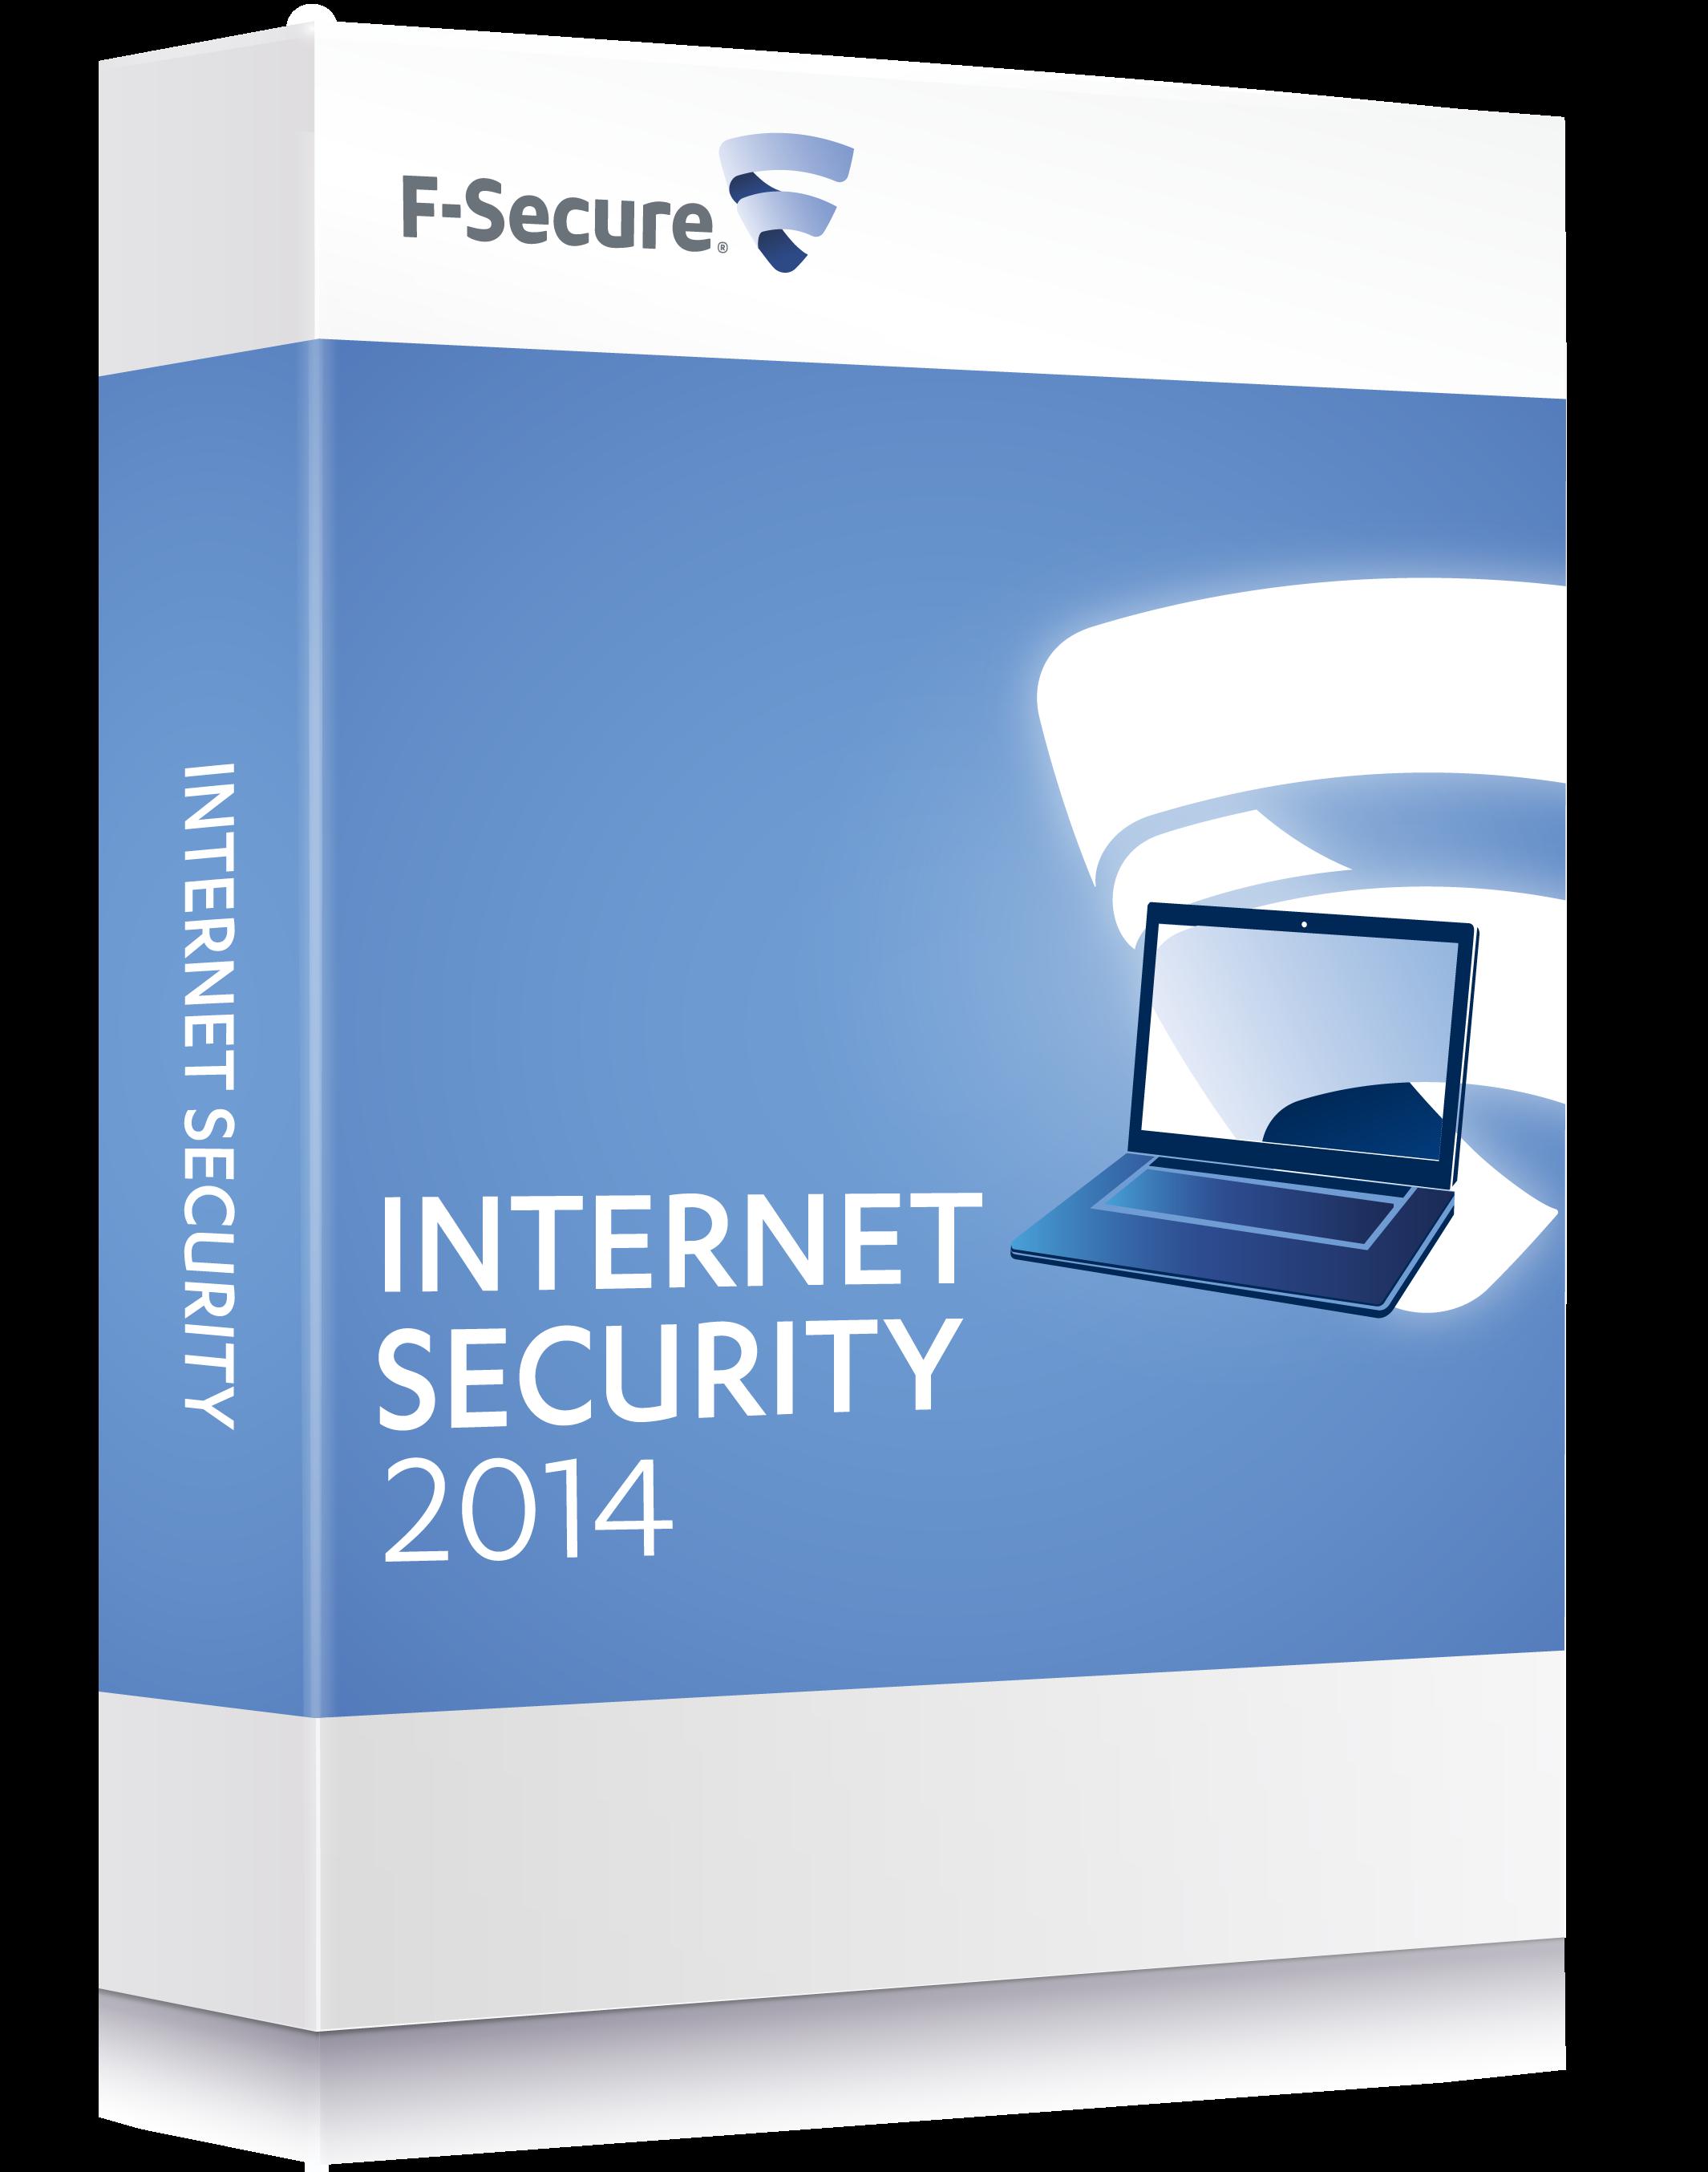 [Kurzinfo] Heute noch bis 18:00 Uhr die Chance auf eine Lizenz von F-Secure Internet Security 2014